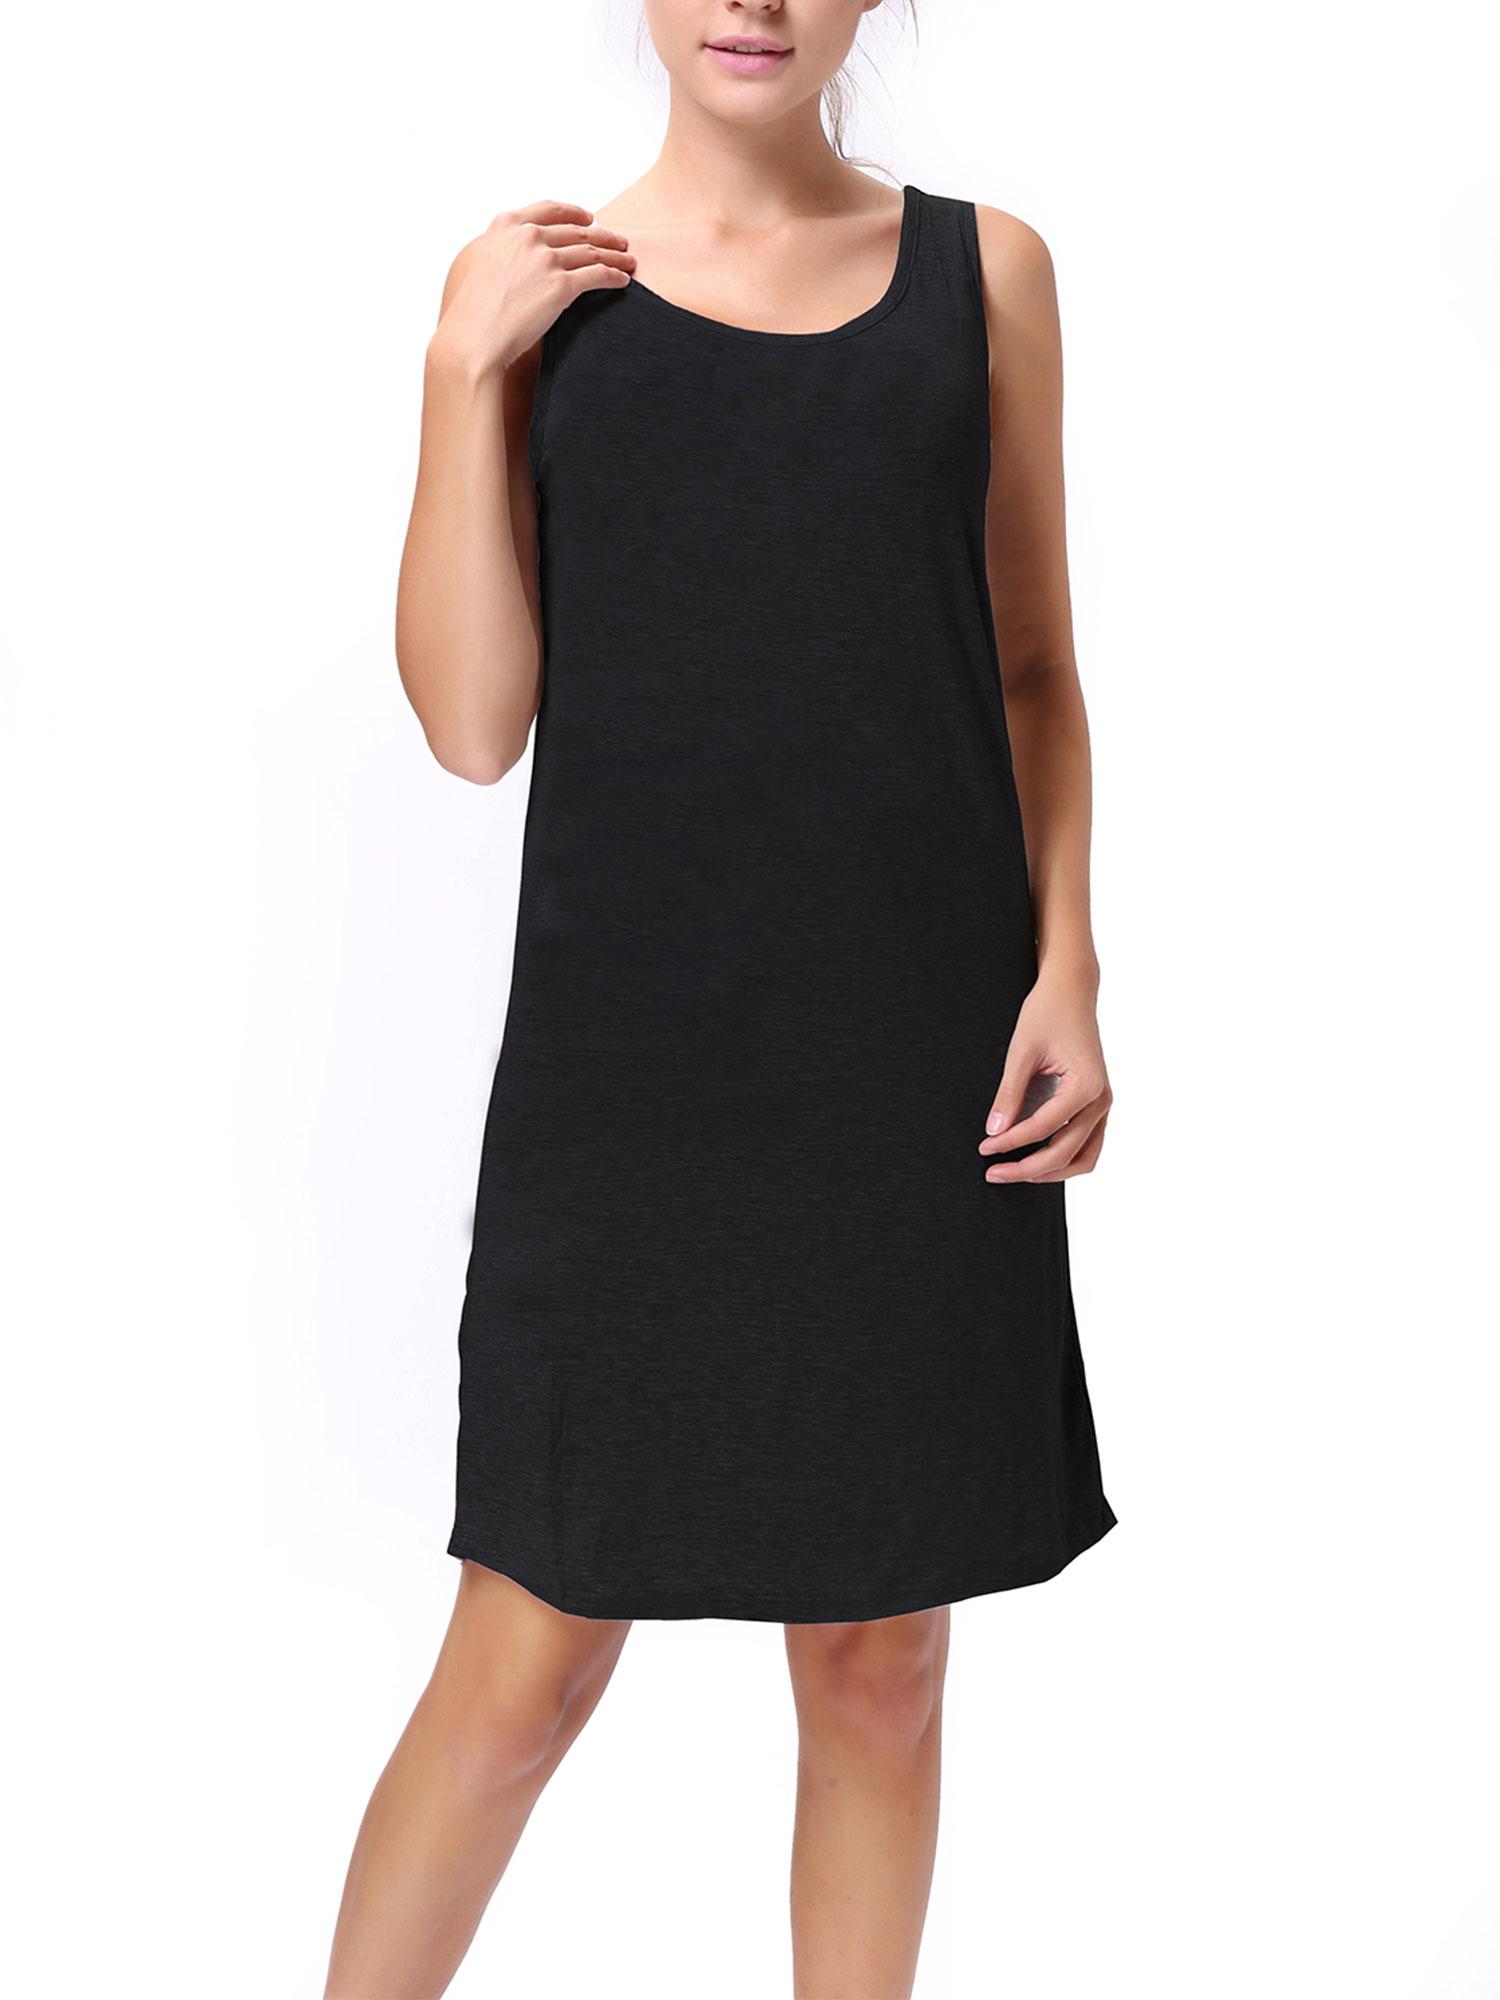 Sayfut Sayfut Womens Loose Tank Tops Long Dresses Casual